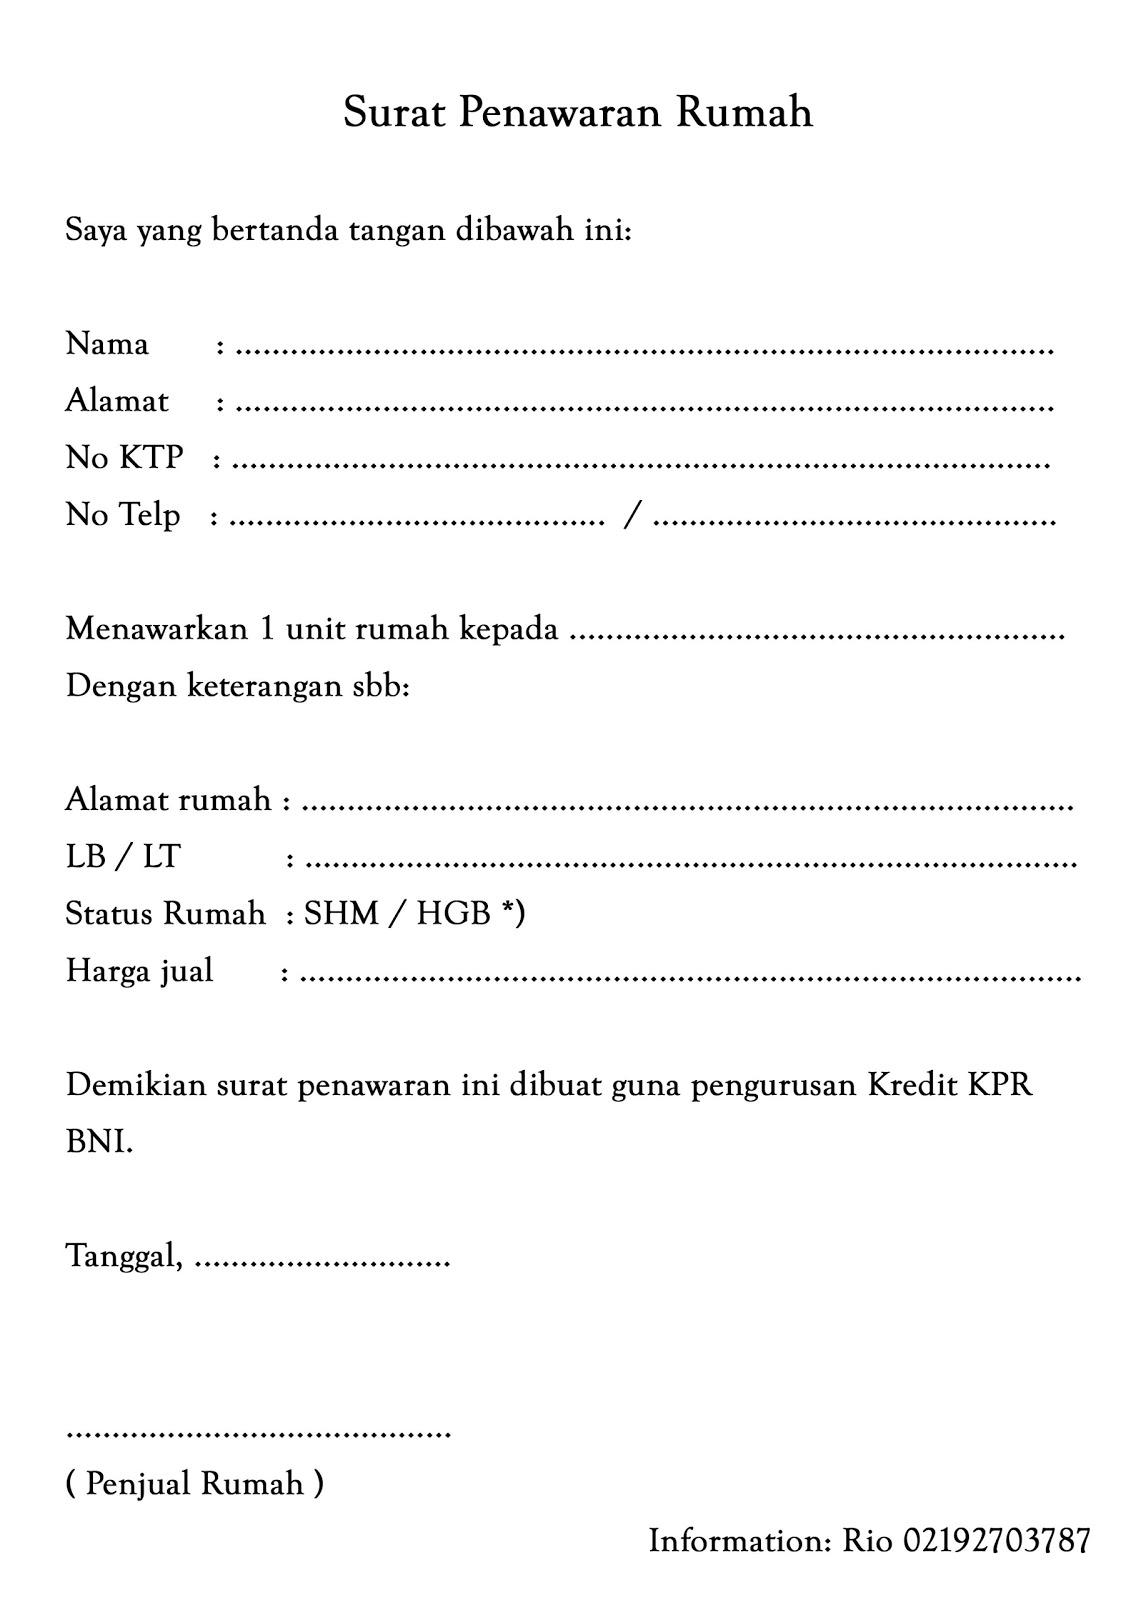 P Of Contoh Surat Penawaran Rumah Jun Nfl Wallpapers